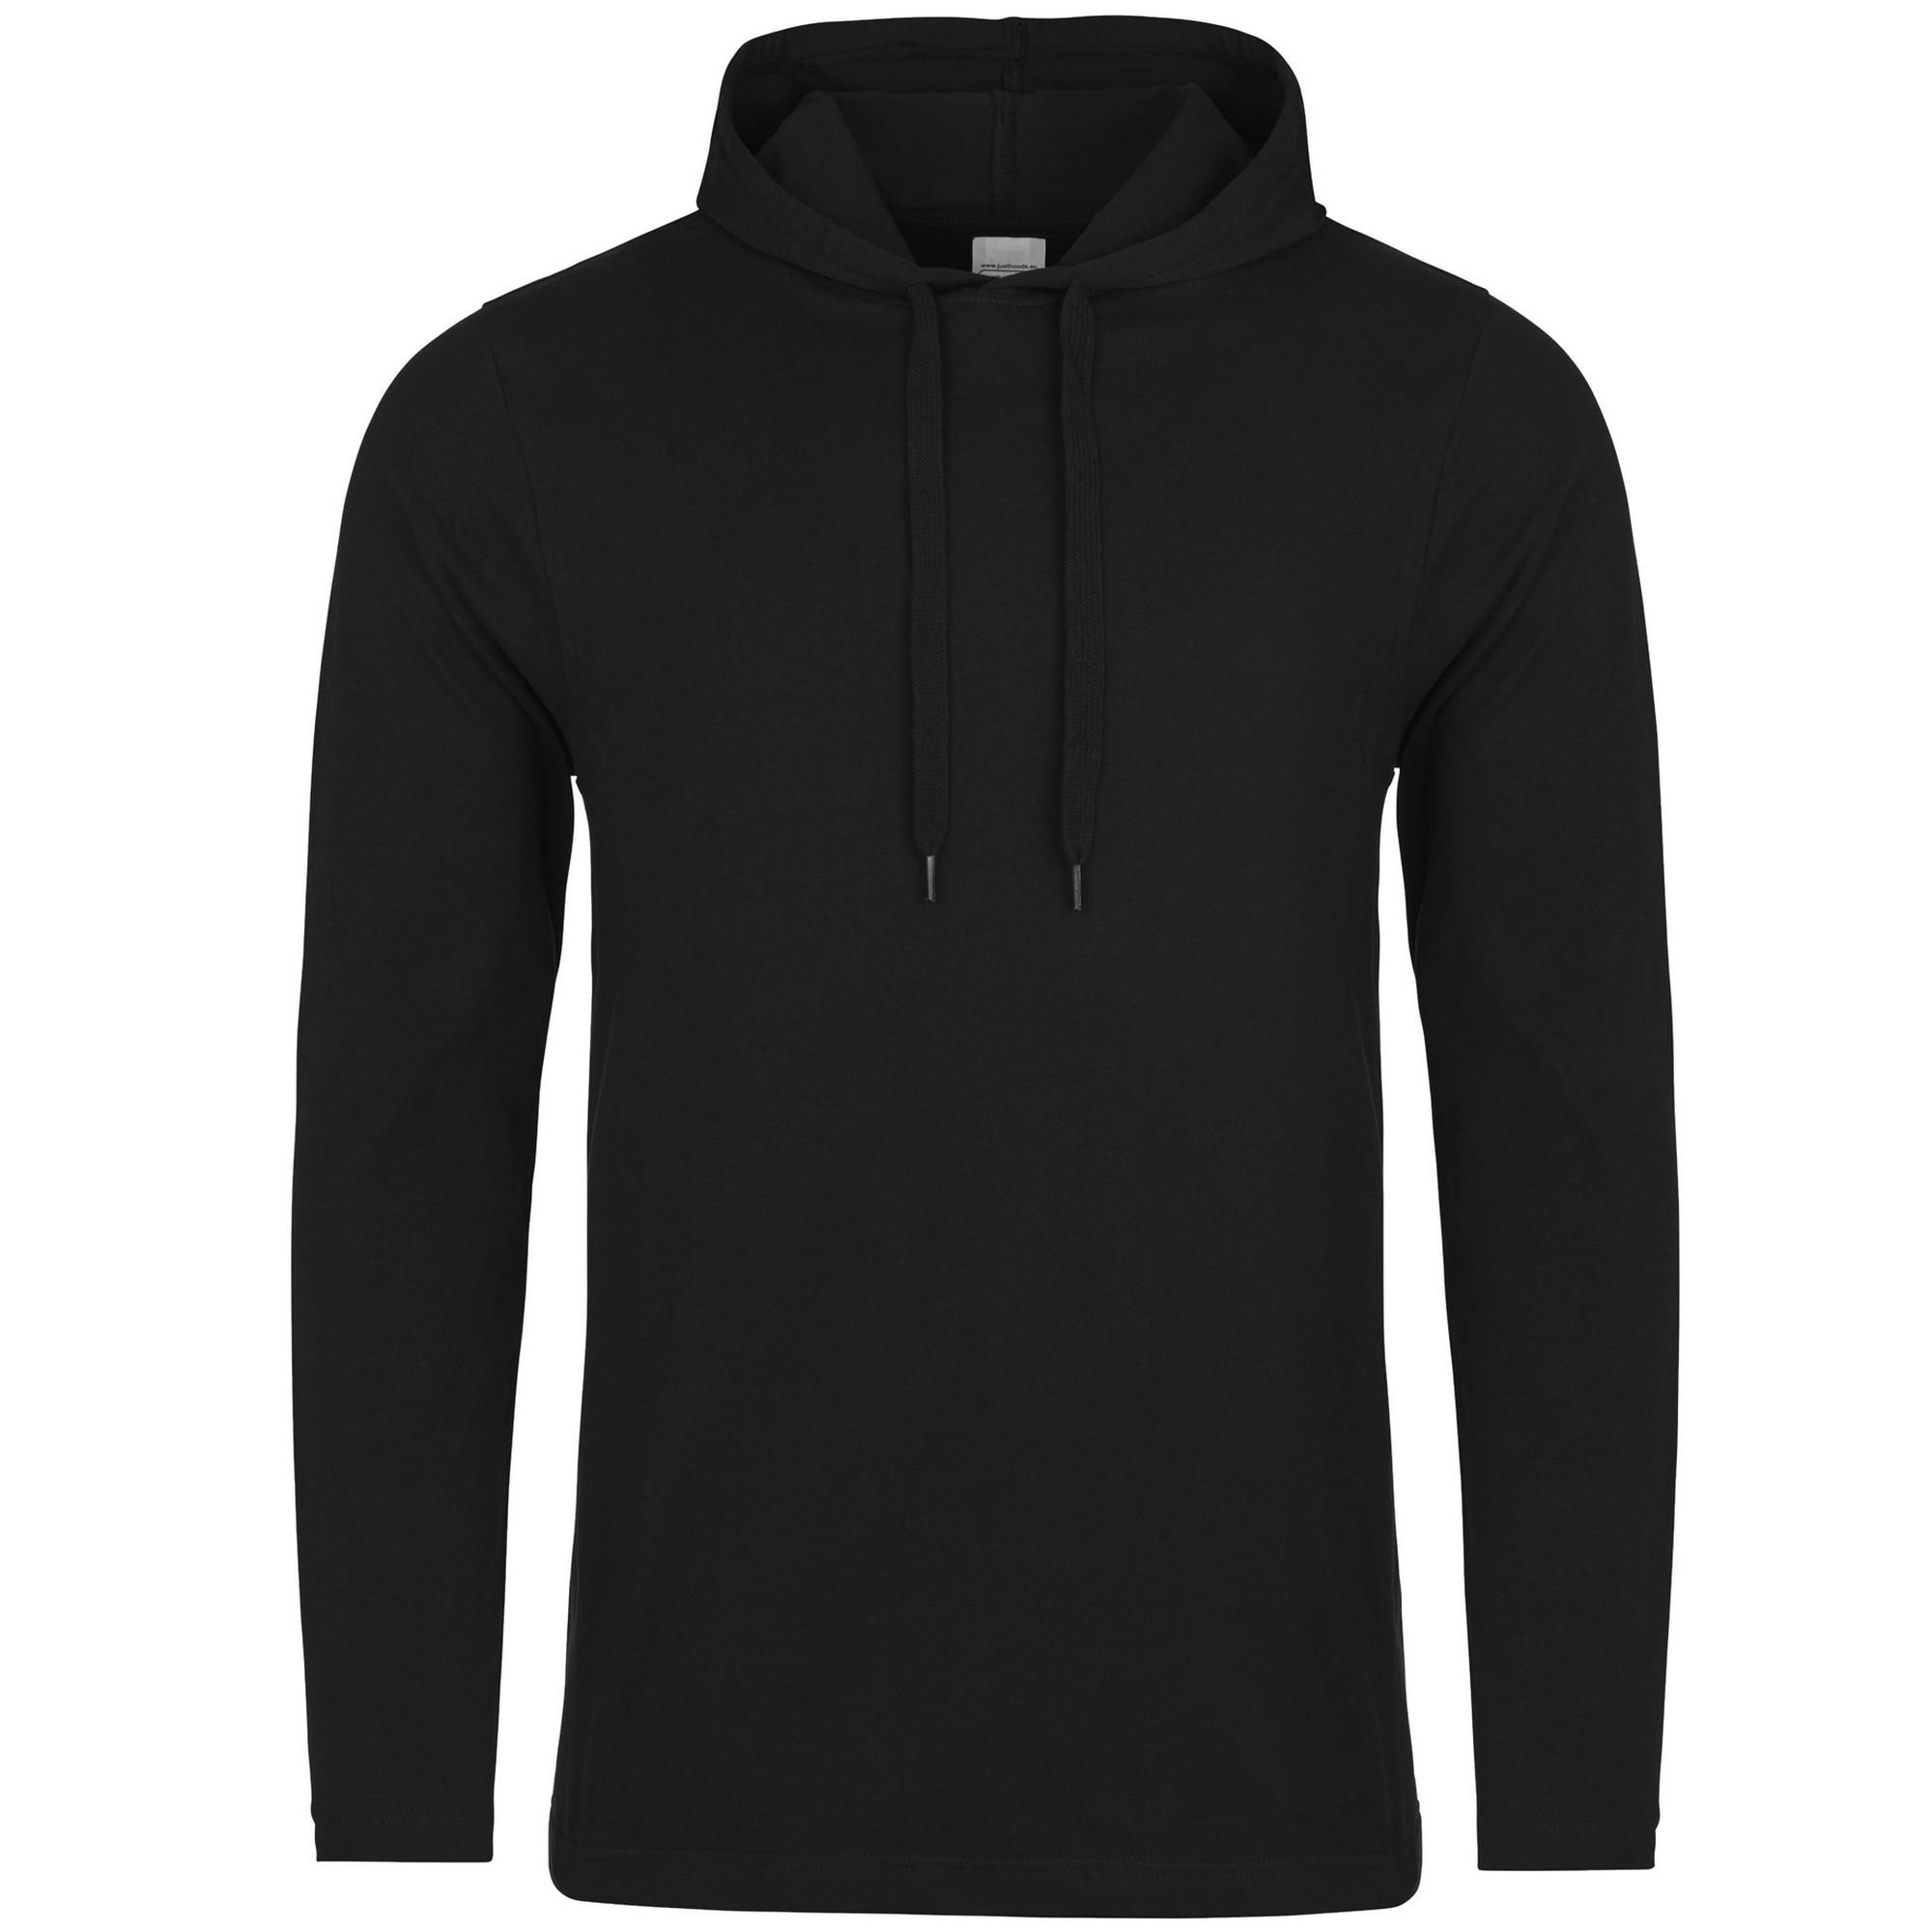 AWDis Just Hoods Herren Kapuzen Sweater, leicht bis zu 70